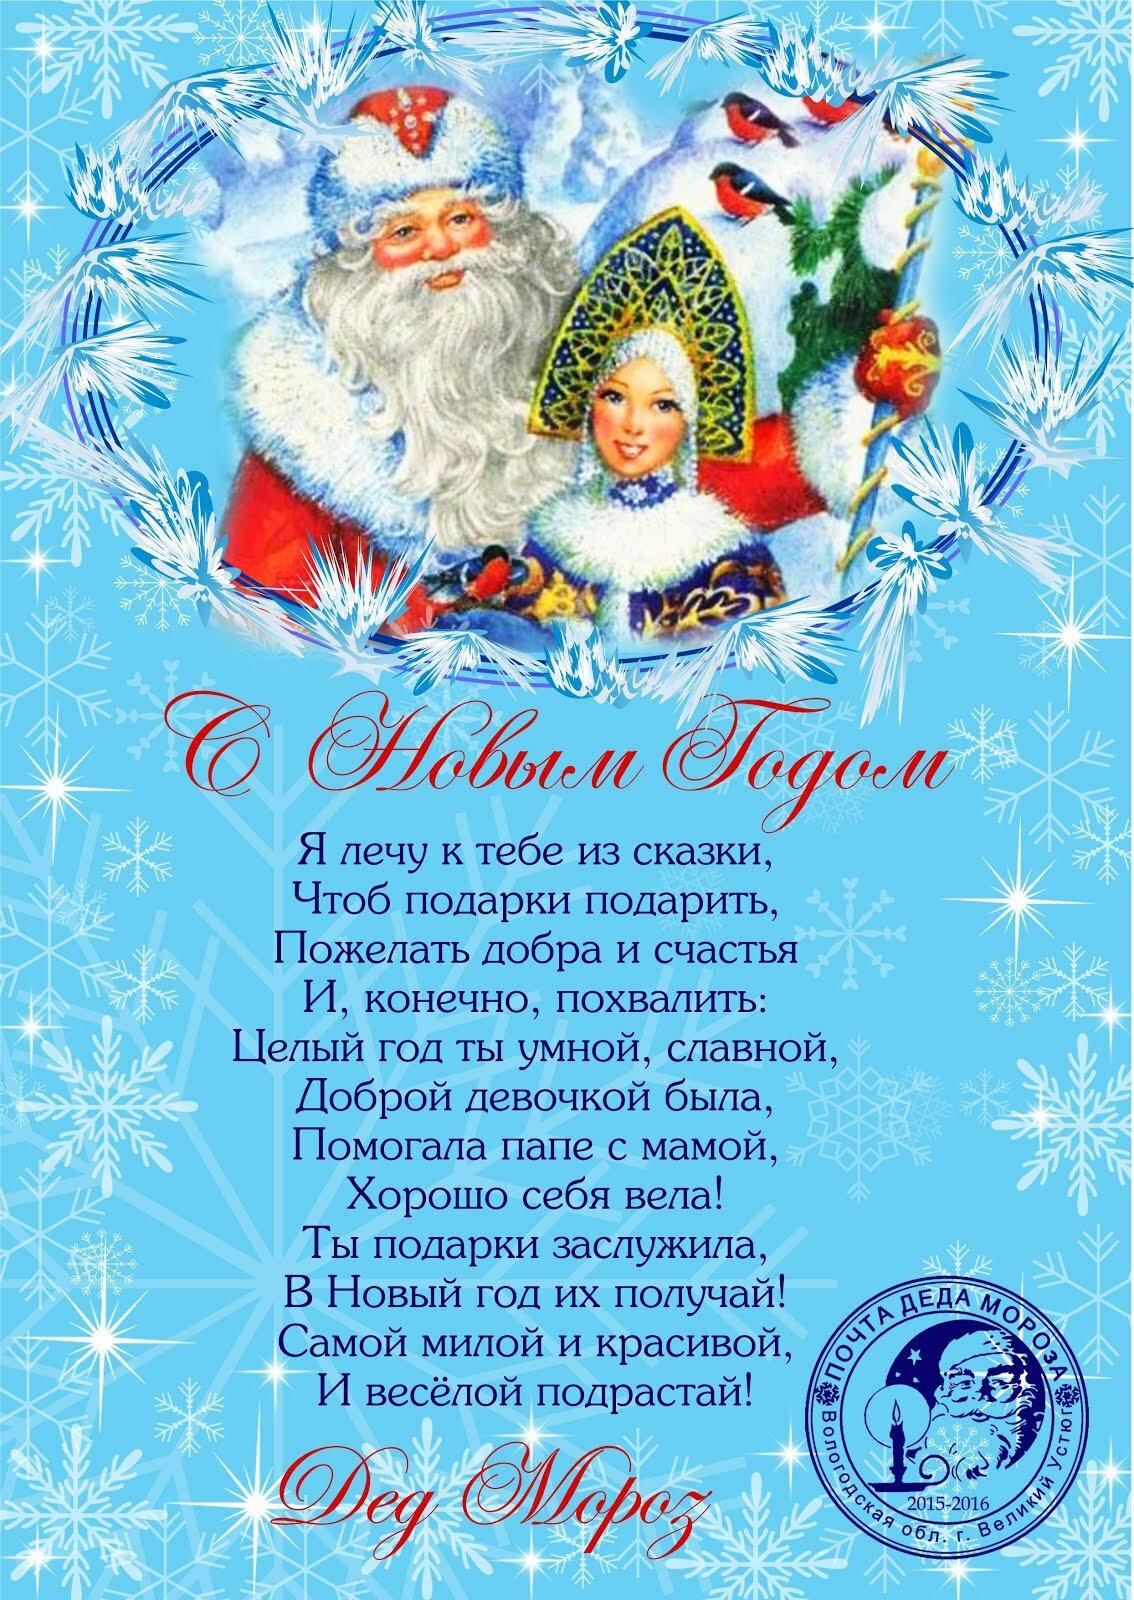 Картинки письмо от деда мороза для детей